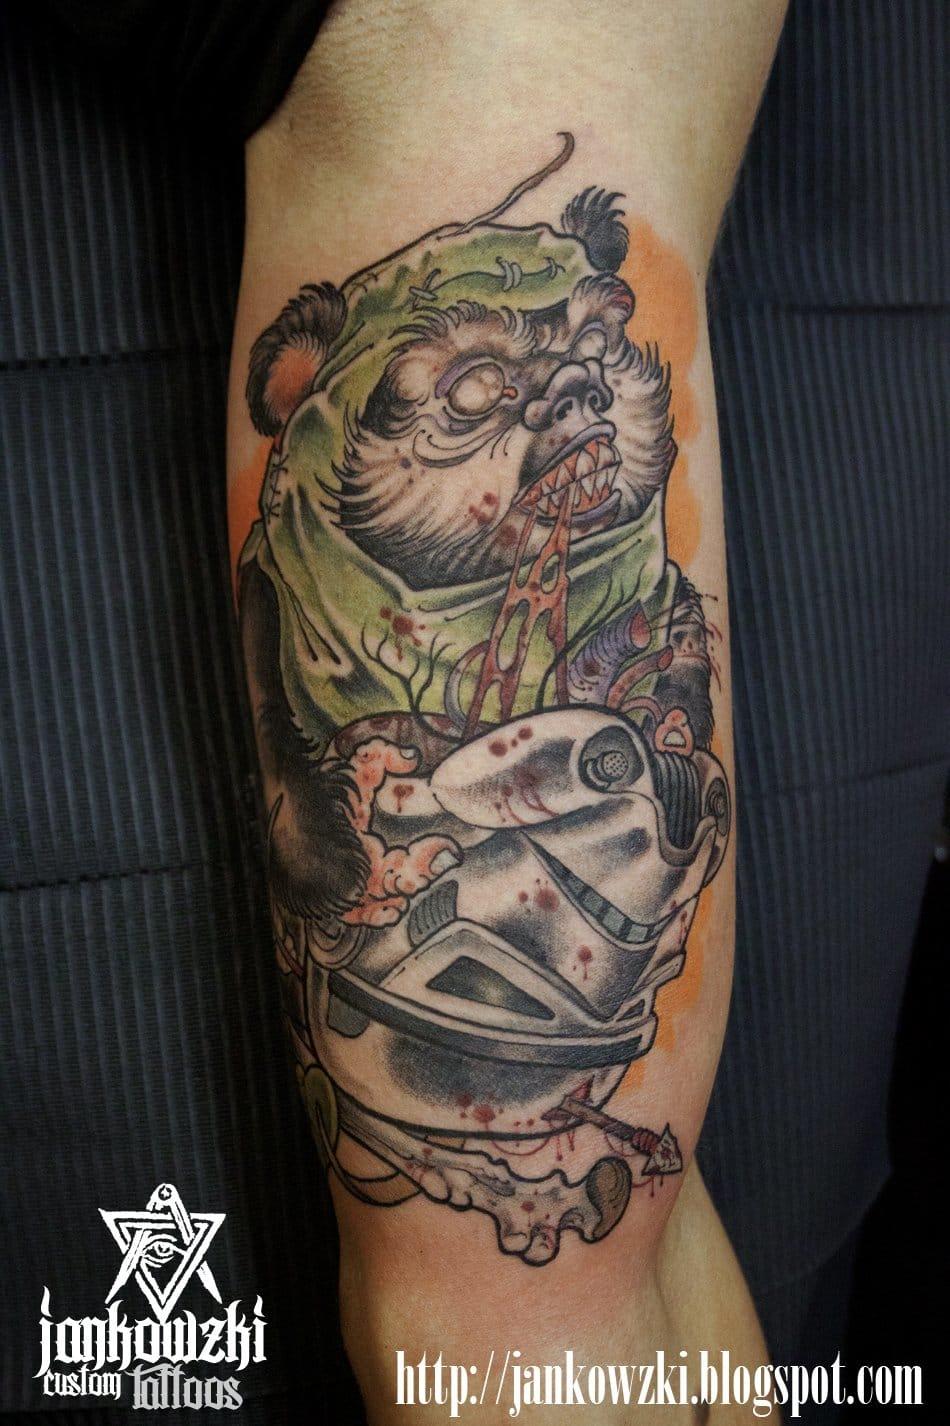 Sobrou zumbis até em Star Wars? Tatuador: Jankowzki